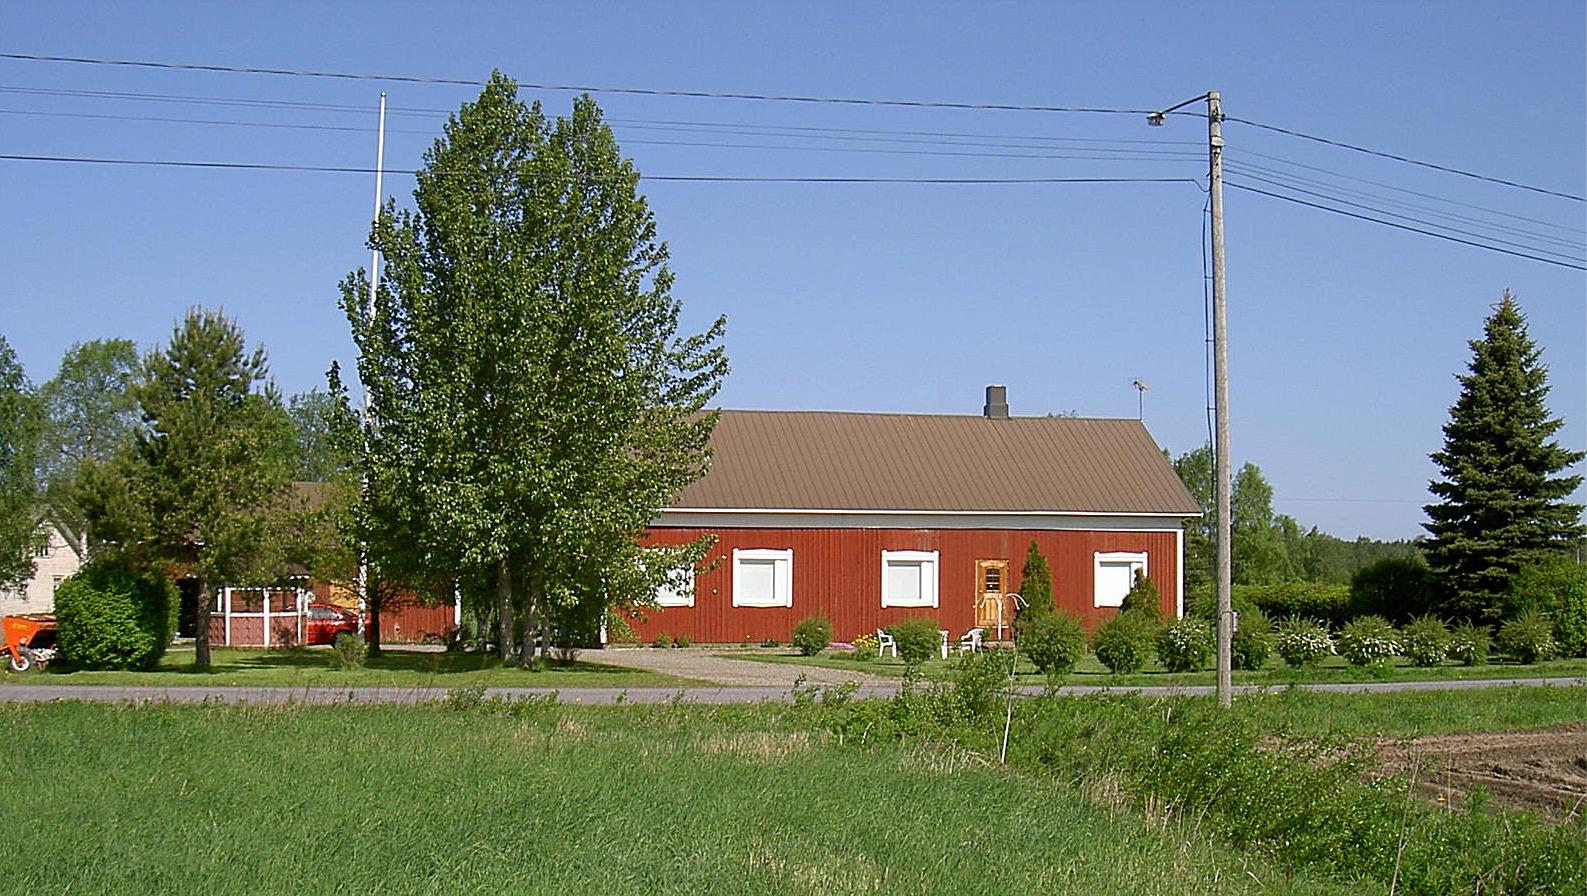 På 1980-talet byggdes gården om totalt och den byggdes i så att den då fick 2 lägenheter. Fotot taget från söder år 2003.